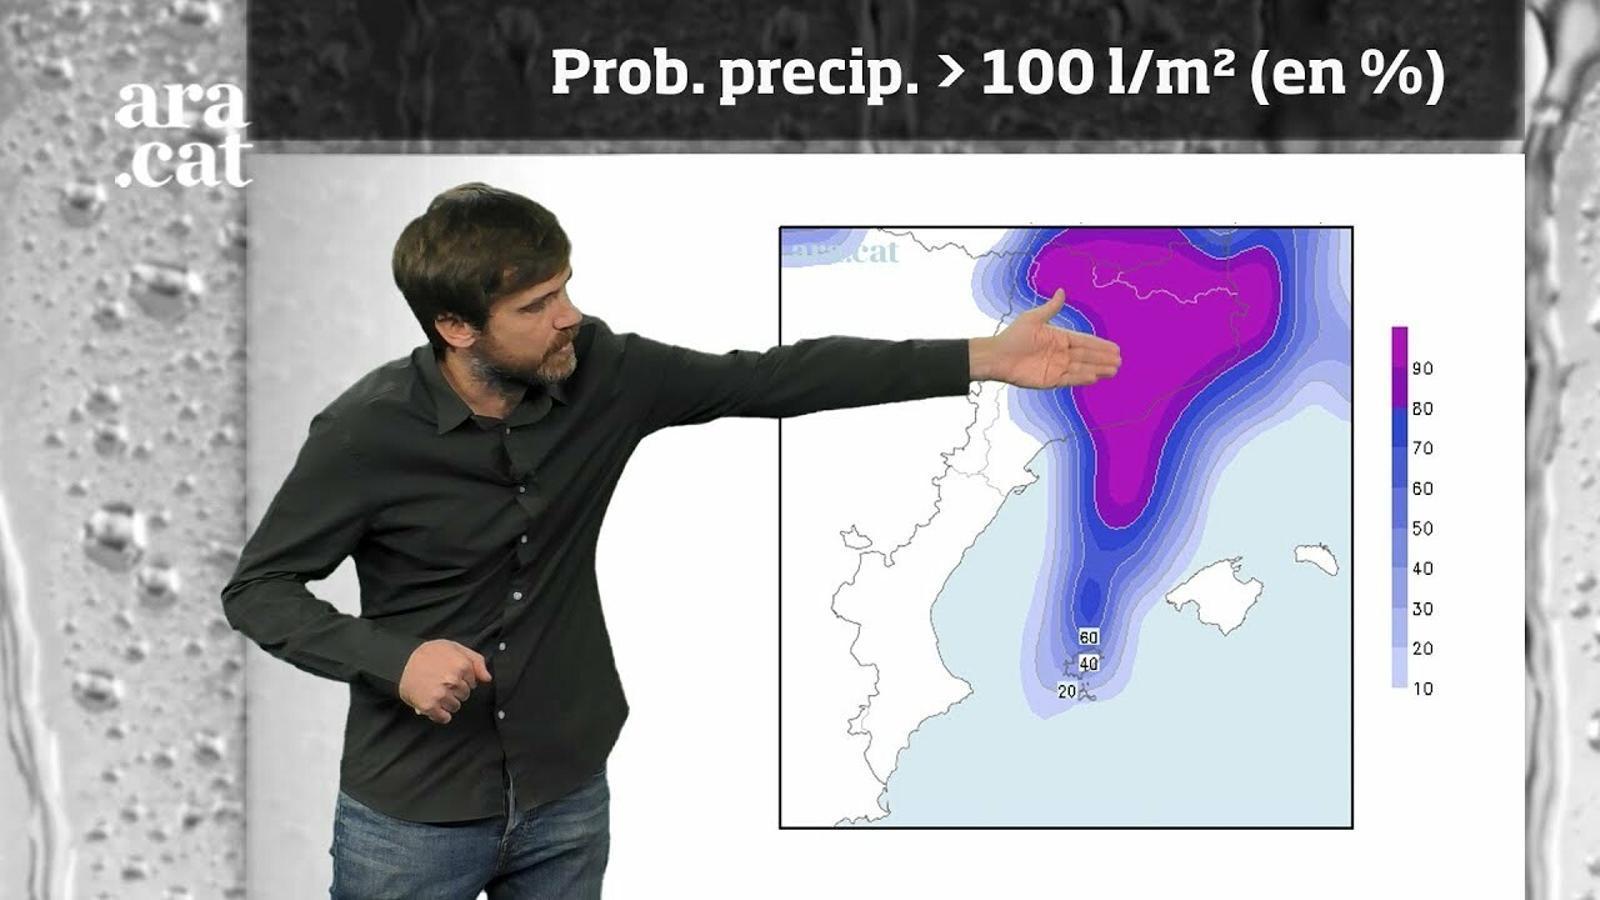 Méteo especial: un temporal de llevant podria deixar fins a 200 l/m2